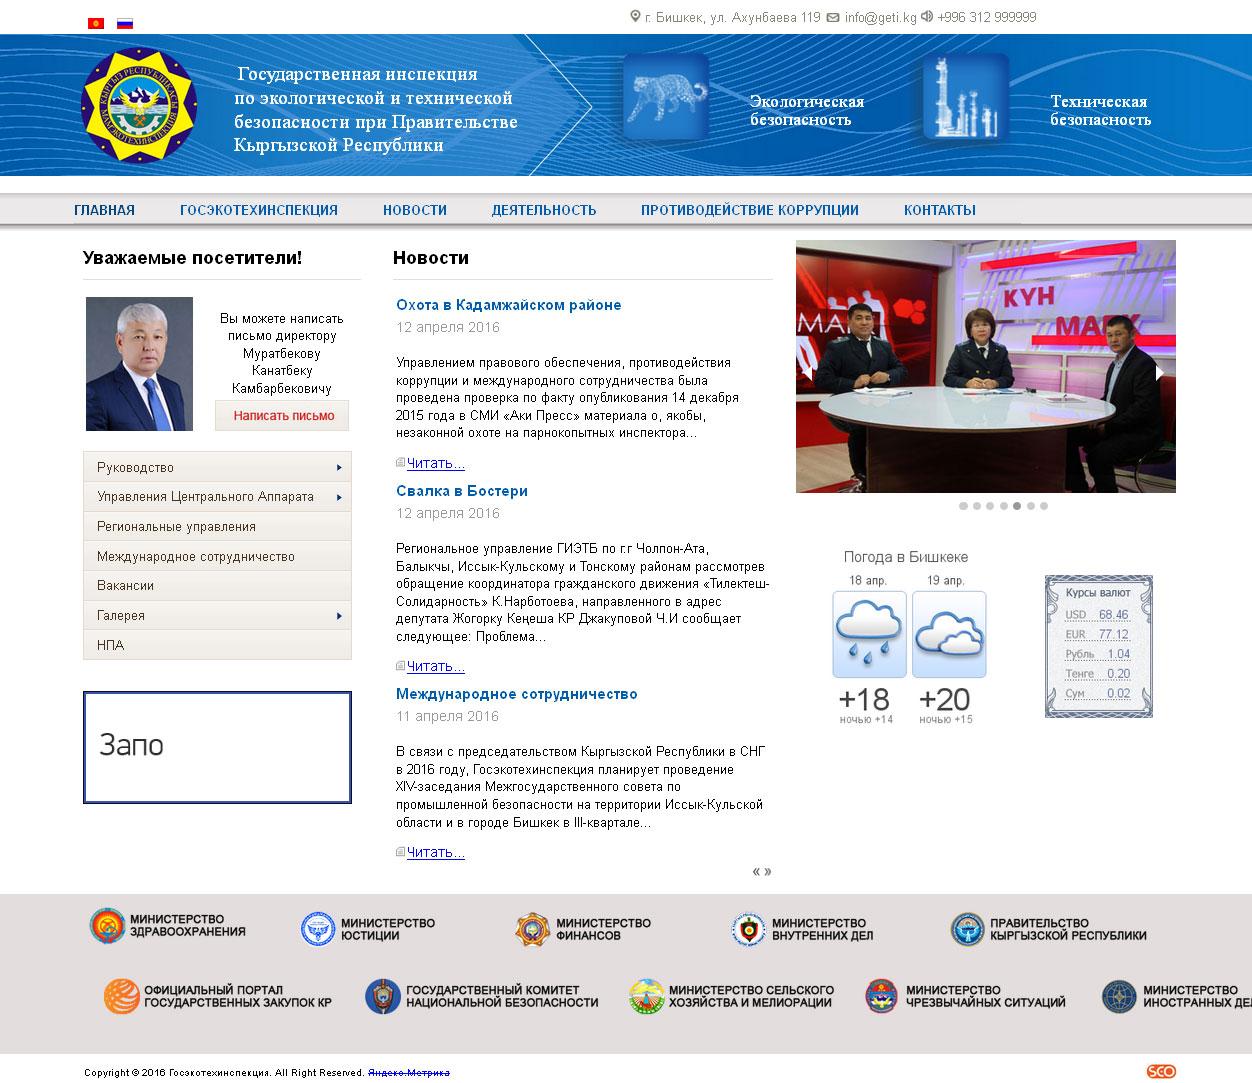 Создание сайта Госэкотехинспекции